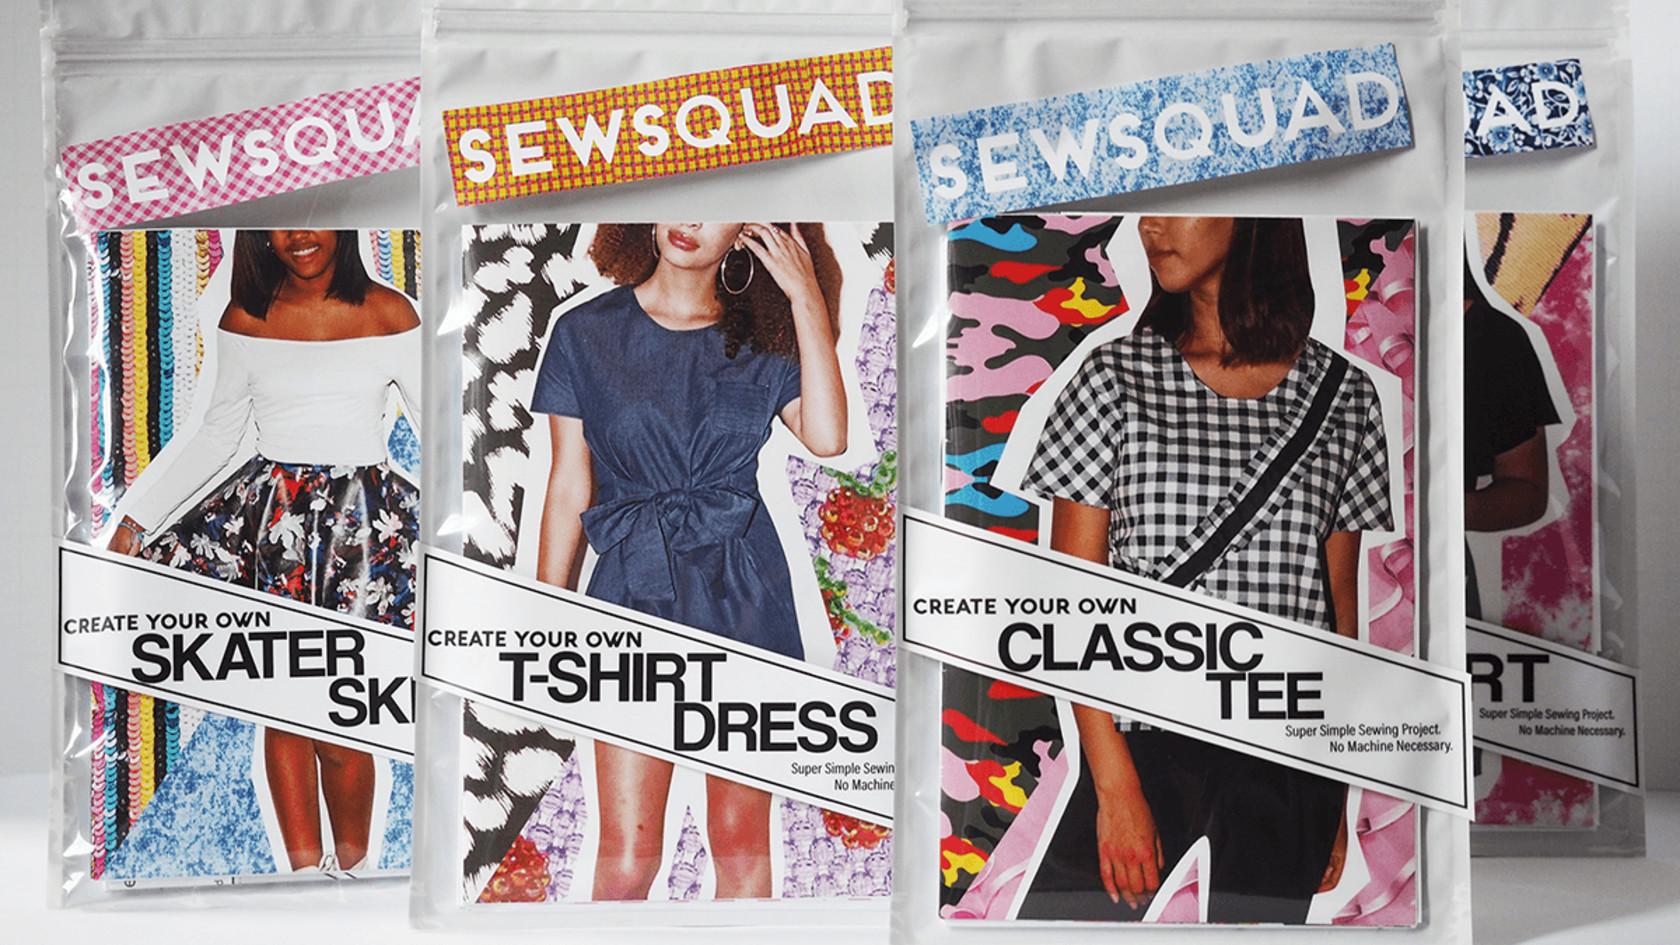 Sewsquad 1200x675